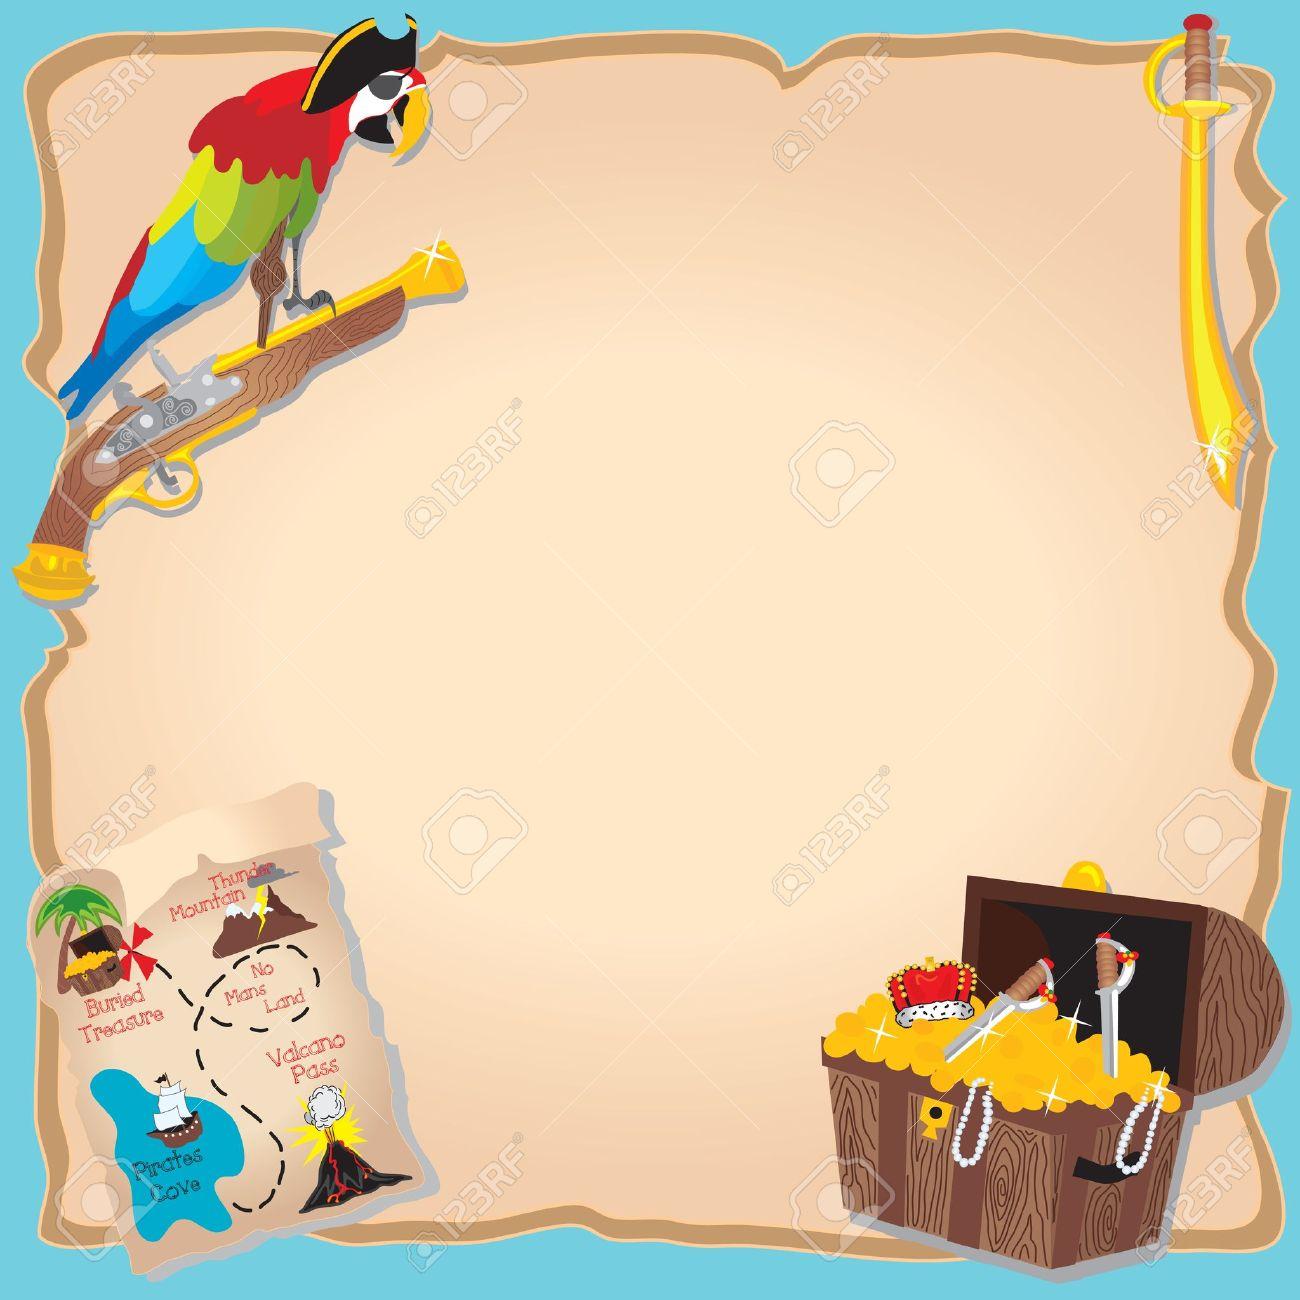 La Fiesta De Cumpleaños Pirata Y El Tesoro Invitación Caza Con El ...